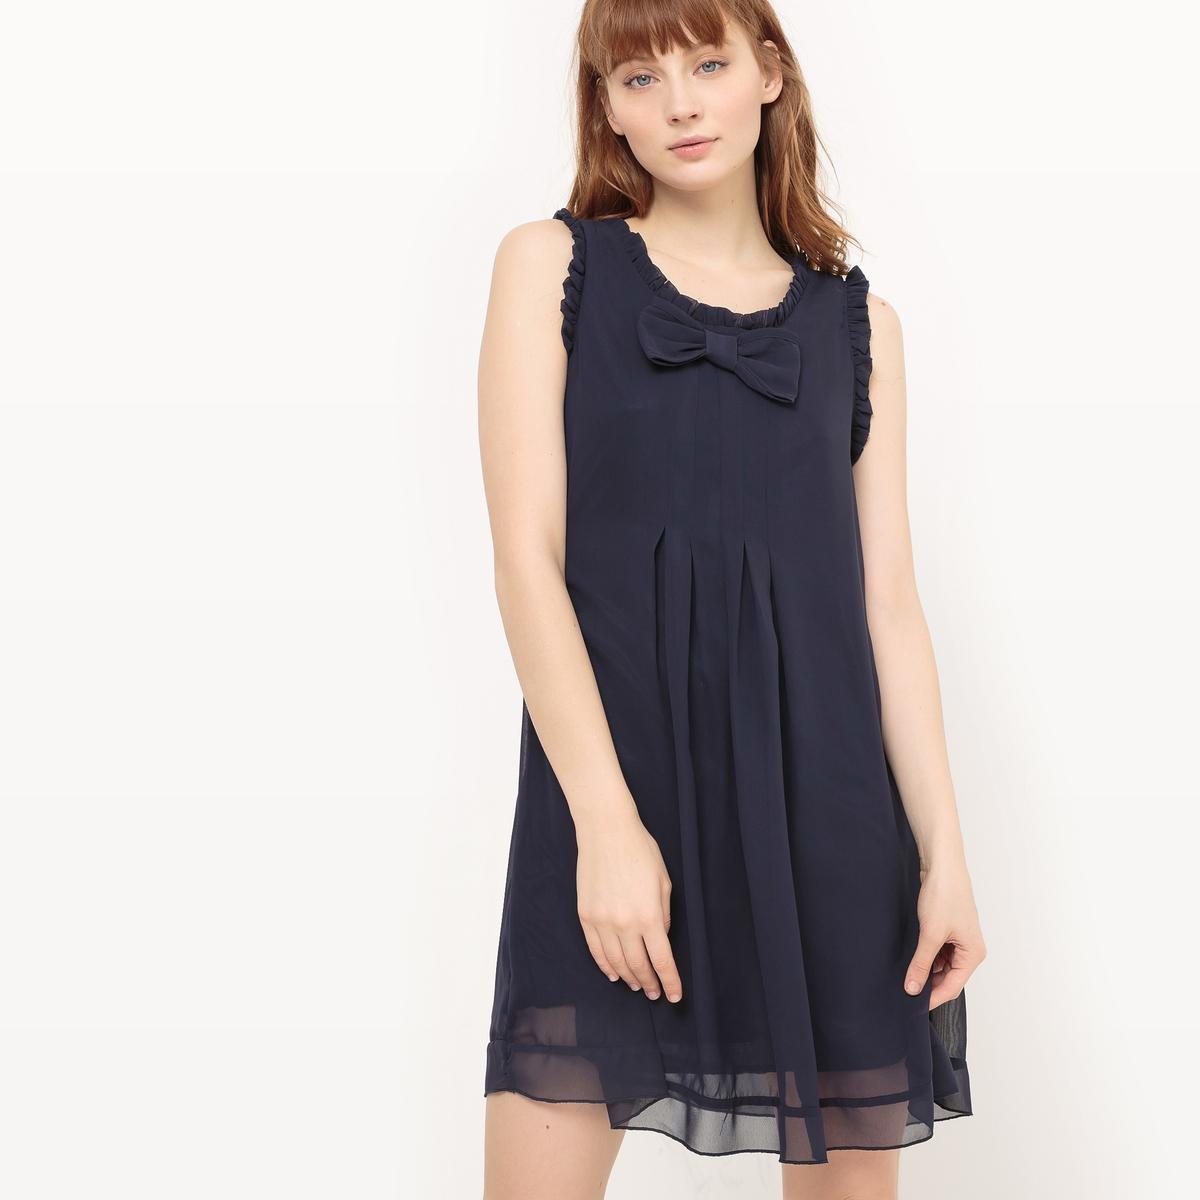 Платье короткое с бахромой и бантом спередиДетали  •  Форма :прямая •  Укороченная модель •  Без рукавов    •  Круглый вырезСостав и уход  •  100% полиэстер • Следуйте рекомендациям по уходу, указанным на этикетке изделия<br><br>Цвет: темно-синий